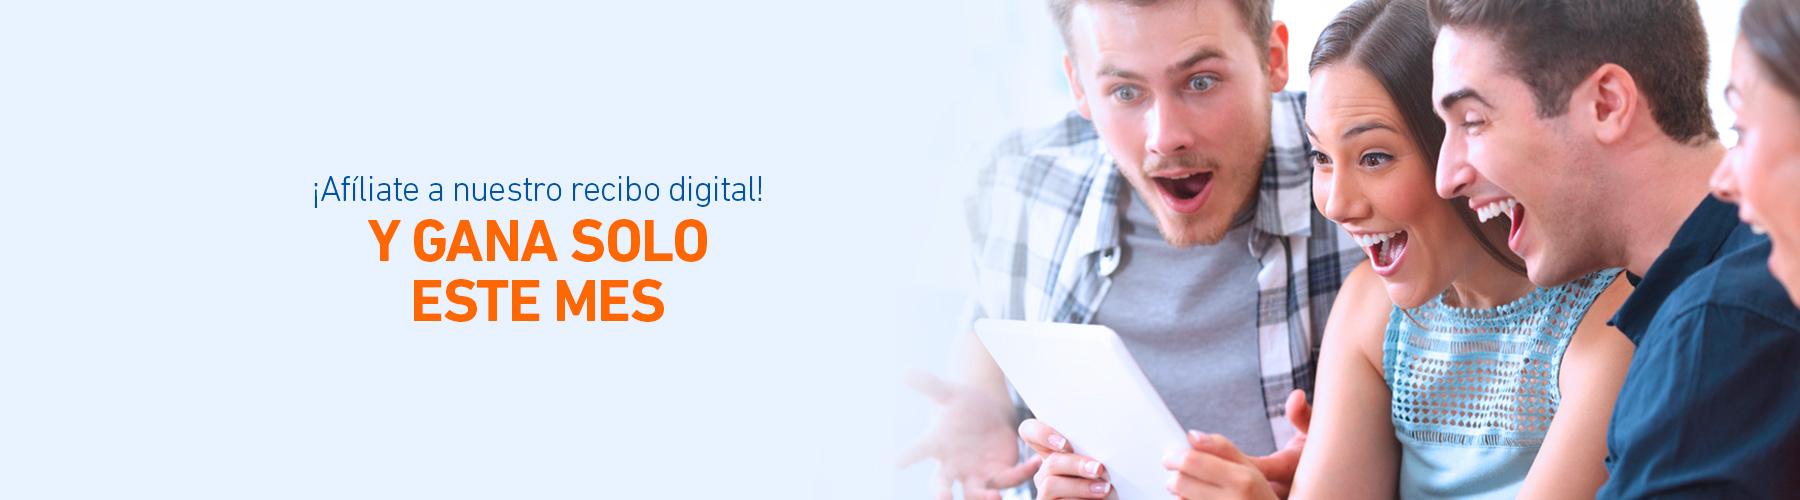 Afiliate al recibo digital